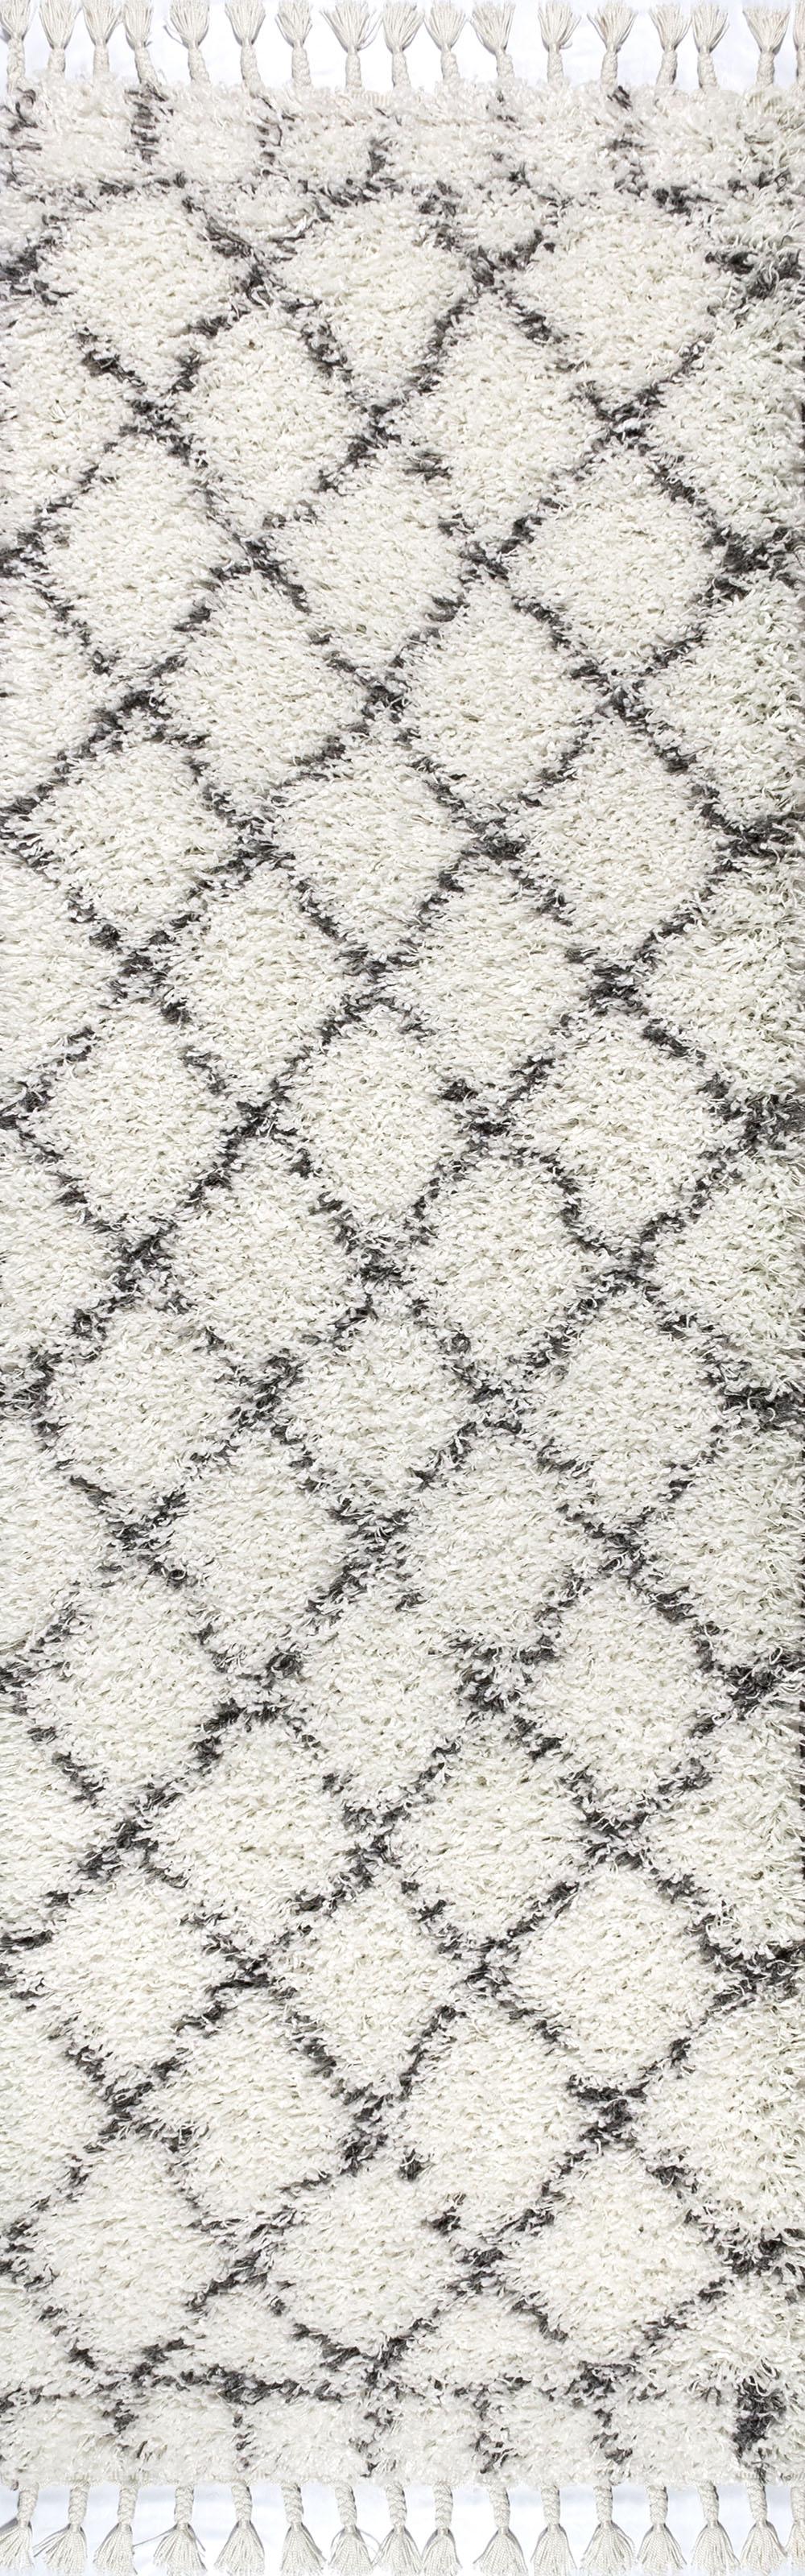 Mercer Shag Plush Tassel Moroccan Geometric Trellis Cream/Grey 2 ft. x 8 ft. Runner Rug